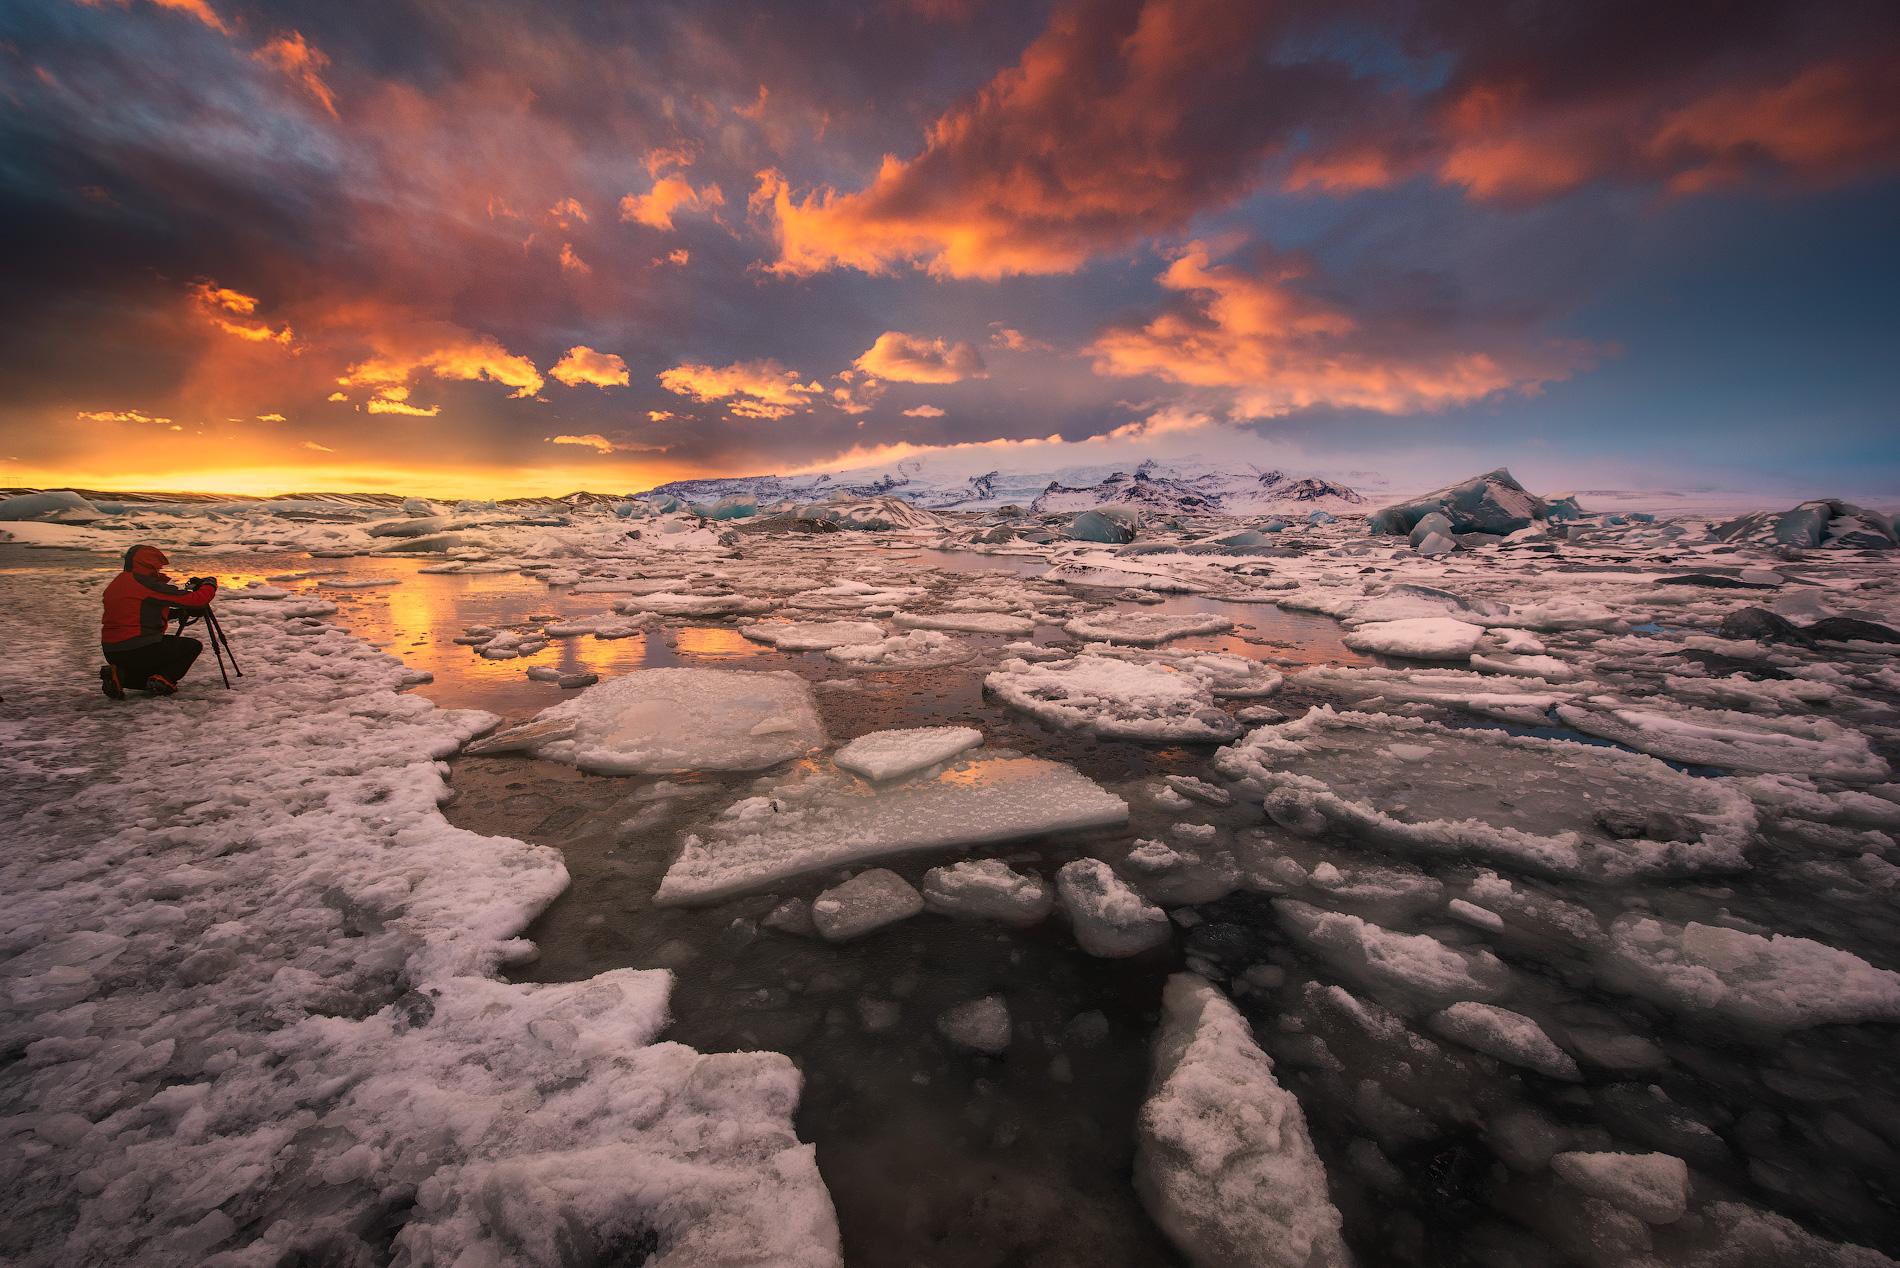 L'heure d'or, le moment idéal pour prendre des photos dans le lagon glacier de Jökulsárlón.